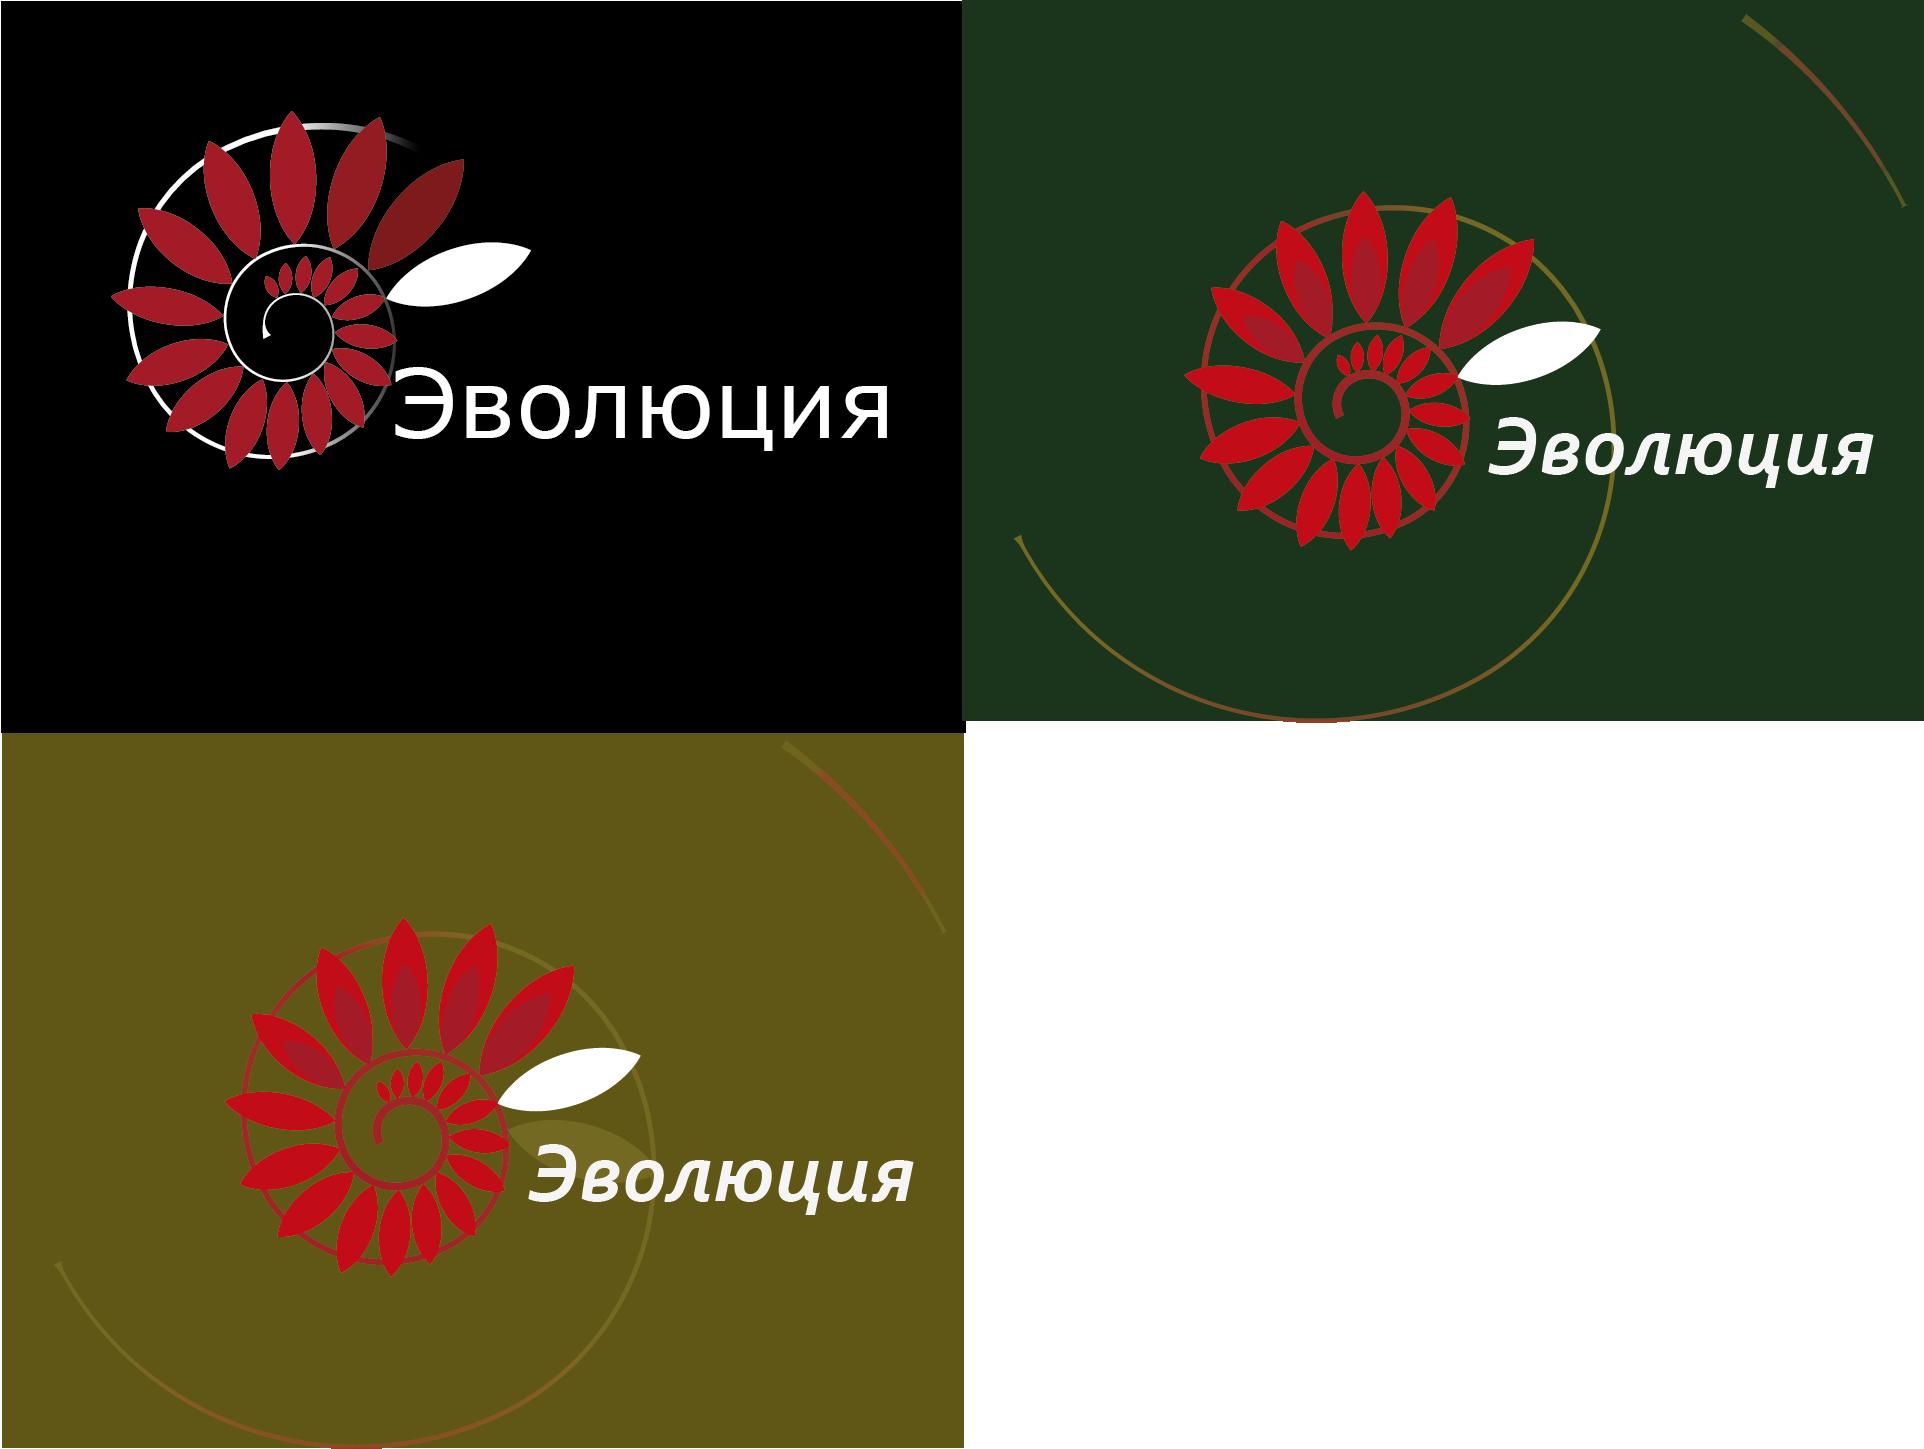 Разработать логотип для Онлайн-школы и сообщества фото f_7505bc876ca6cf0d.png